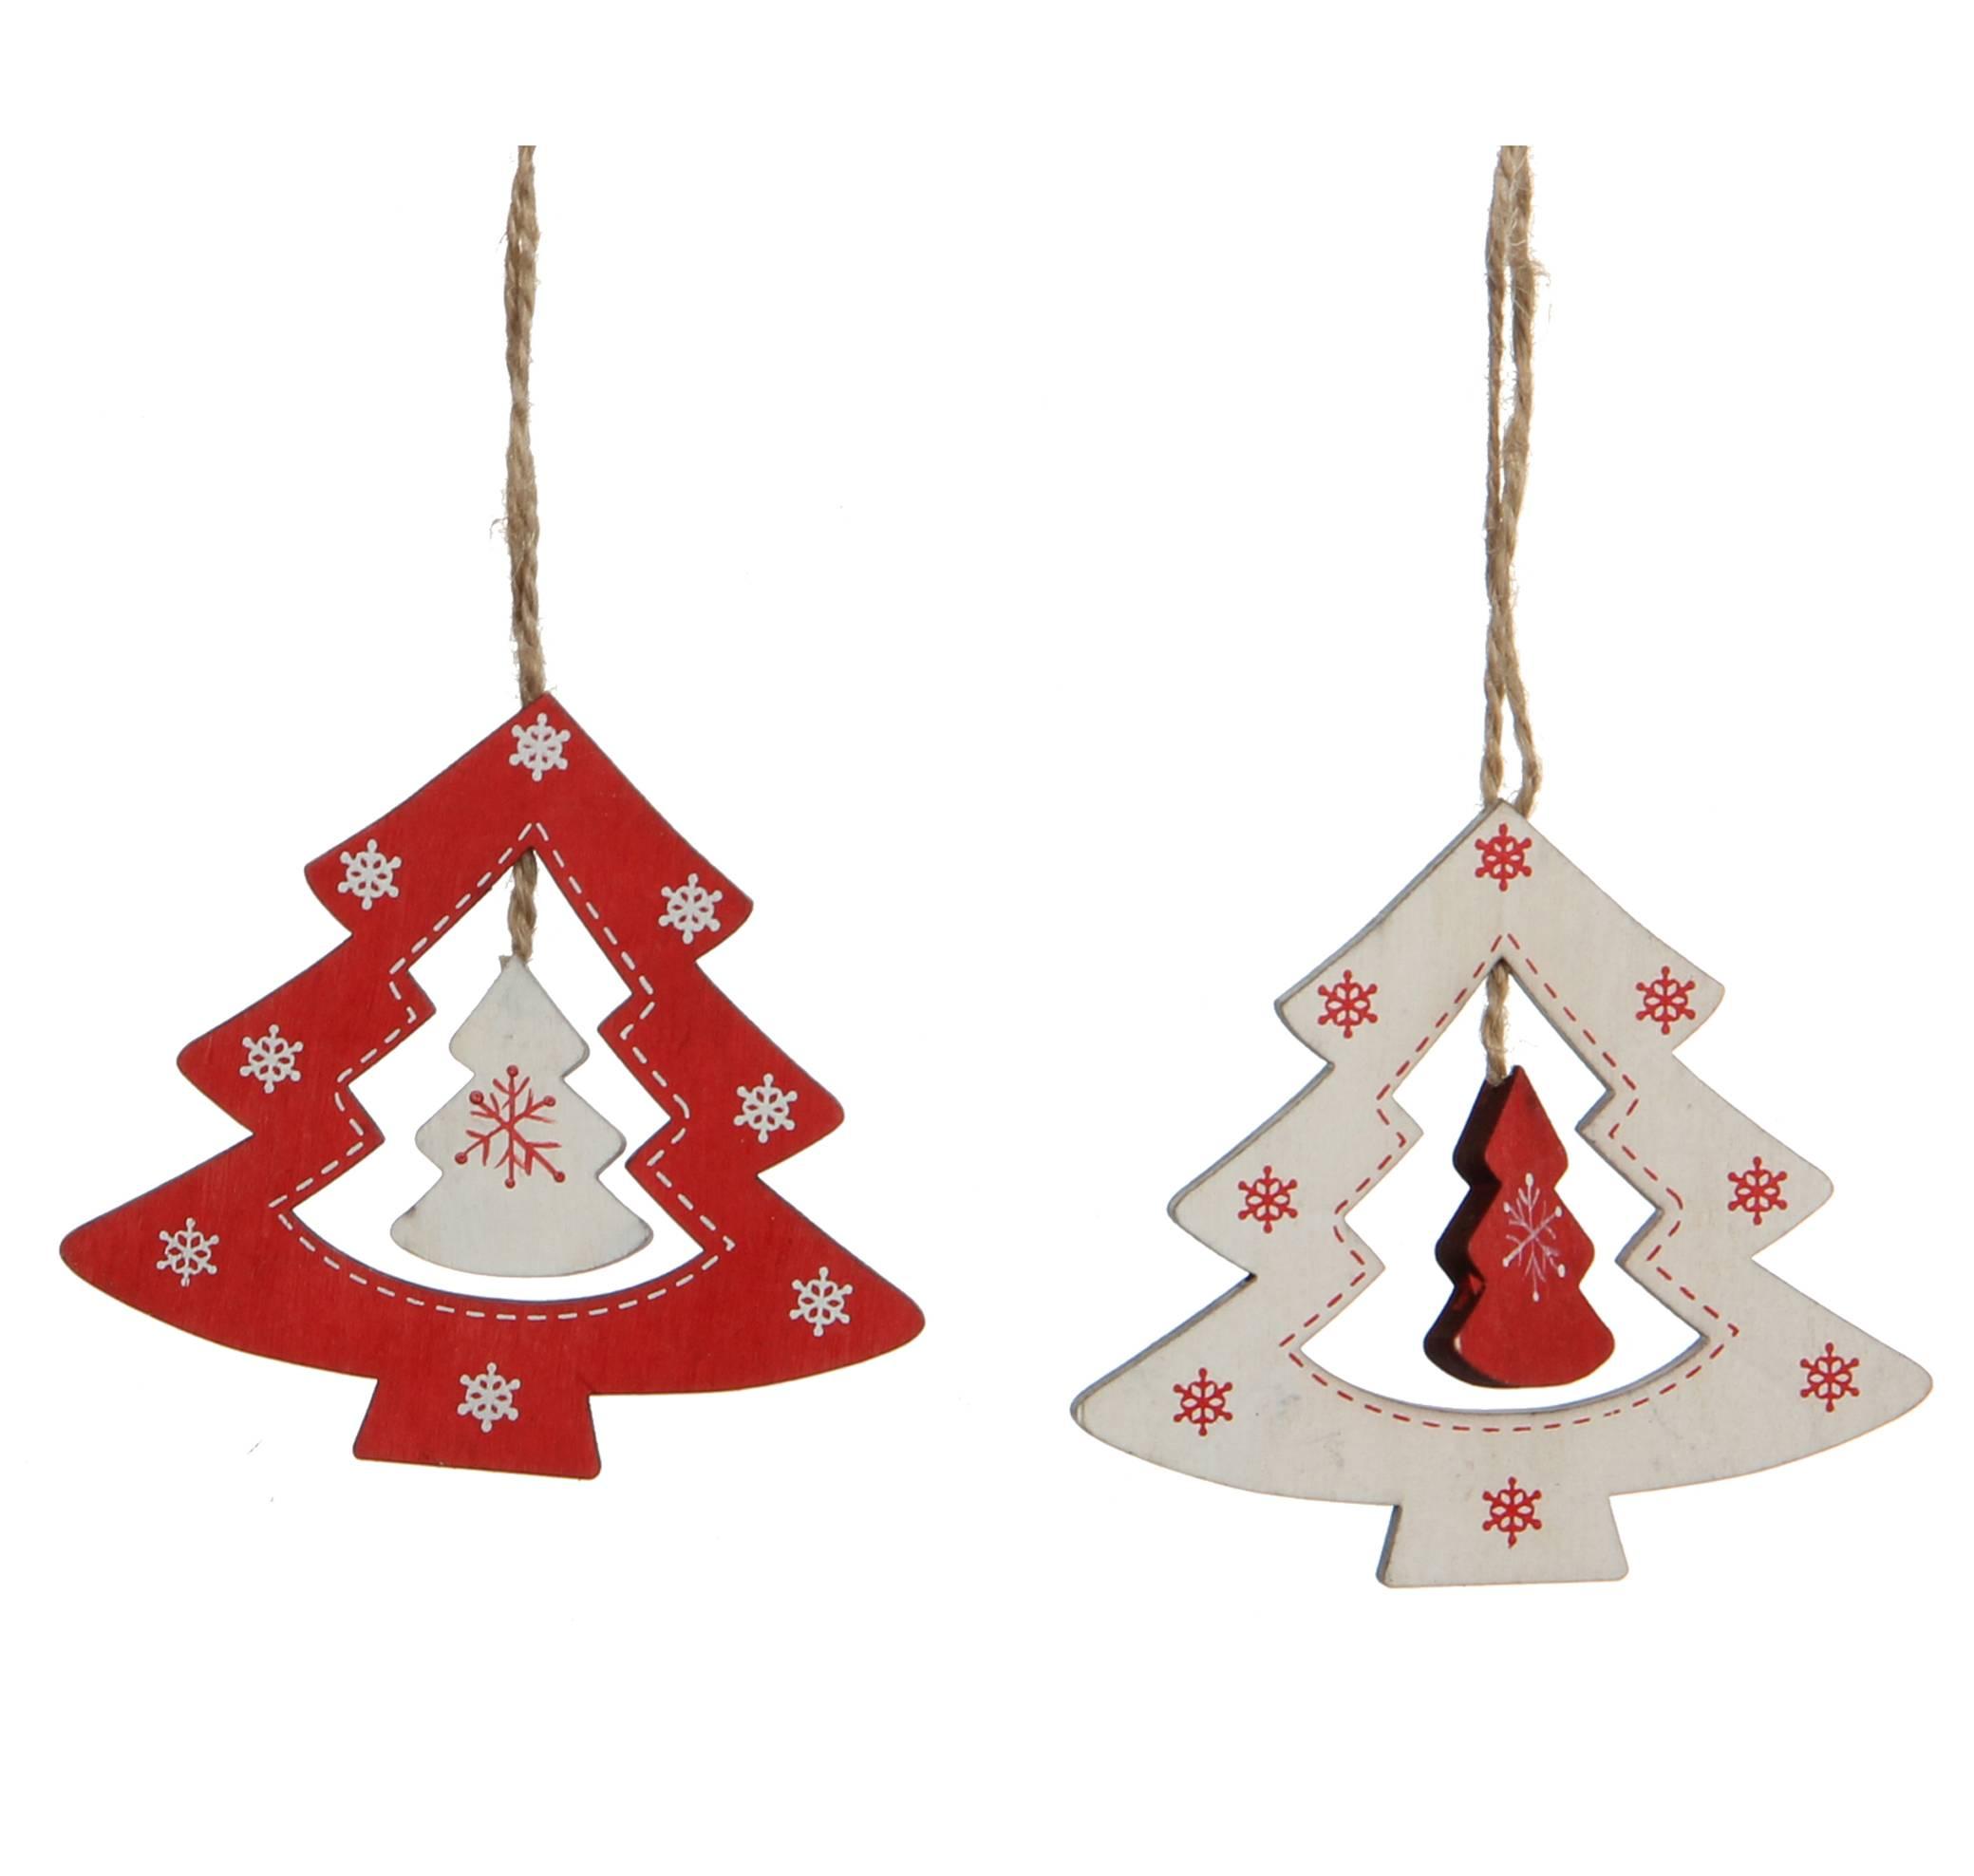 Sapin De Noel Suspendu En Bois lot 2 sapins ajourés en bois à suspendre décoration de noël suspensions  sapin arbre de noël 0,5x8x9cm